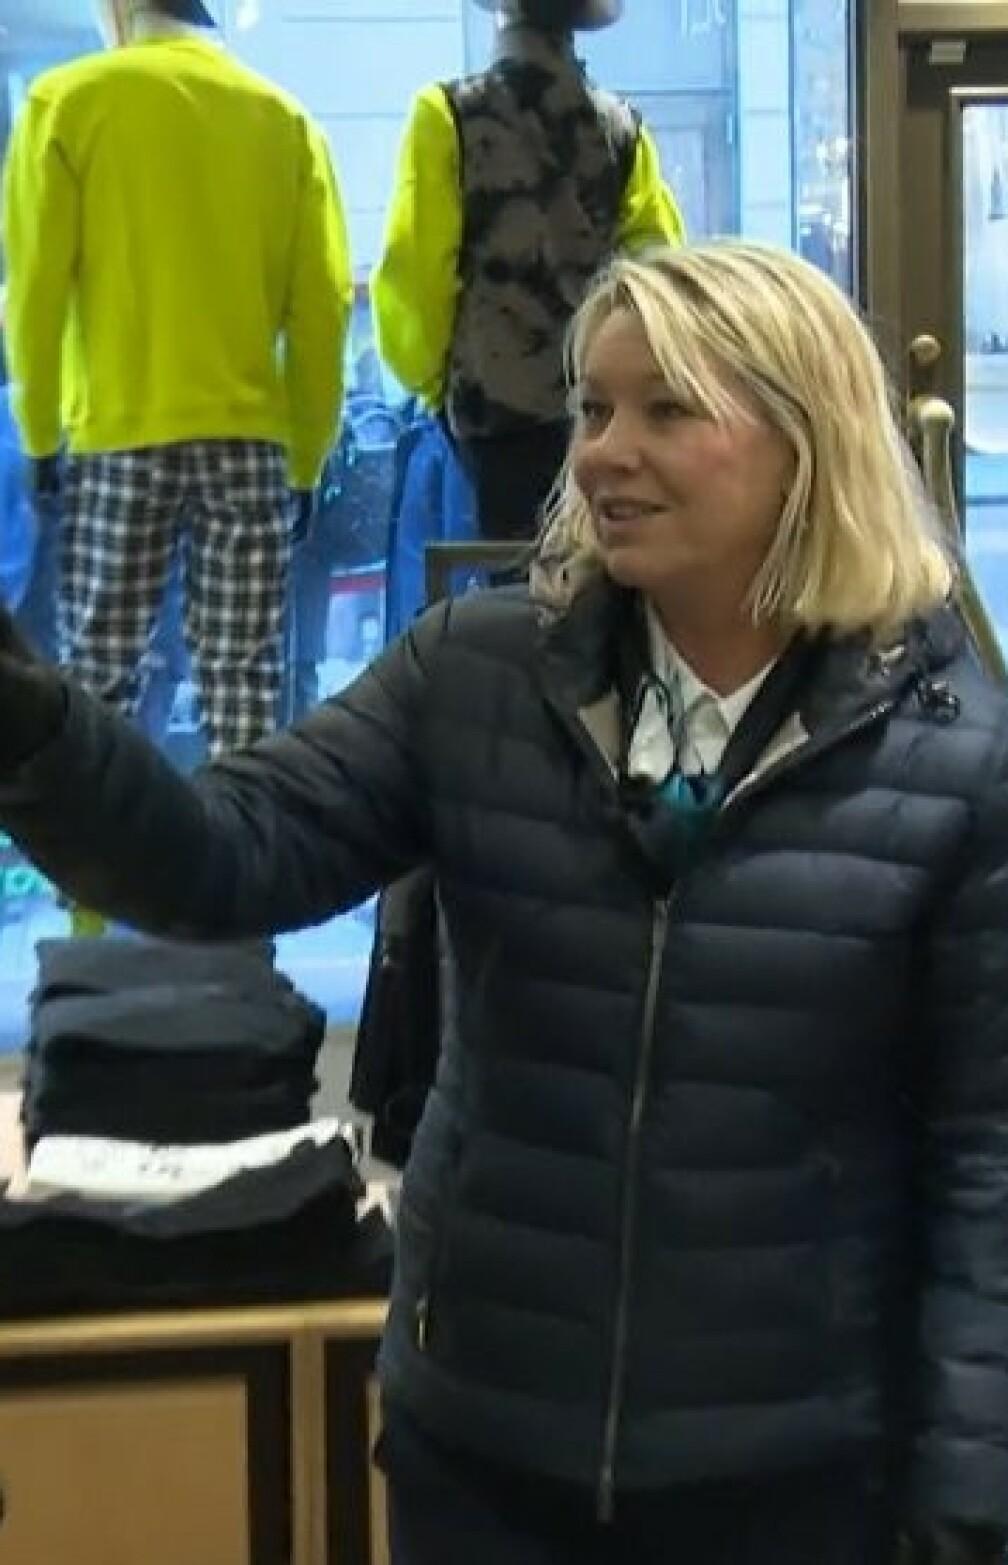 Smitteekspert reagerer på NRK-bildene av justisministeren: - Hun burde ha tenkt seg om